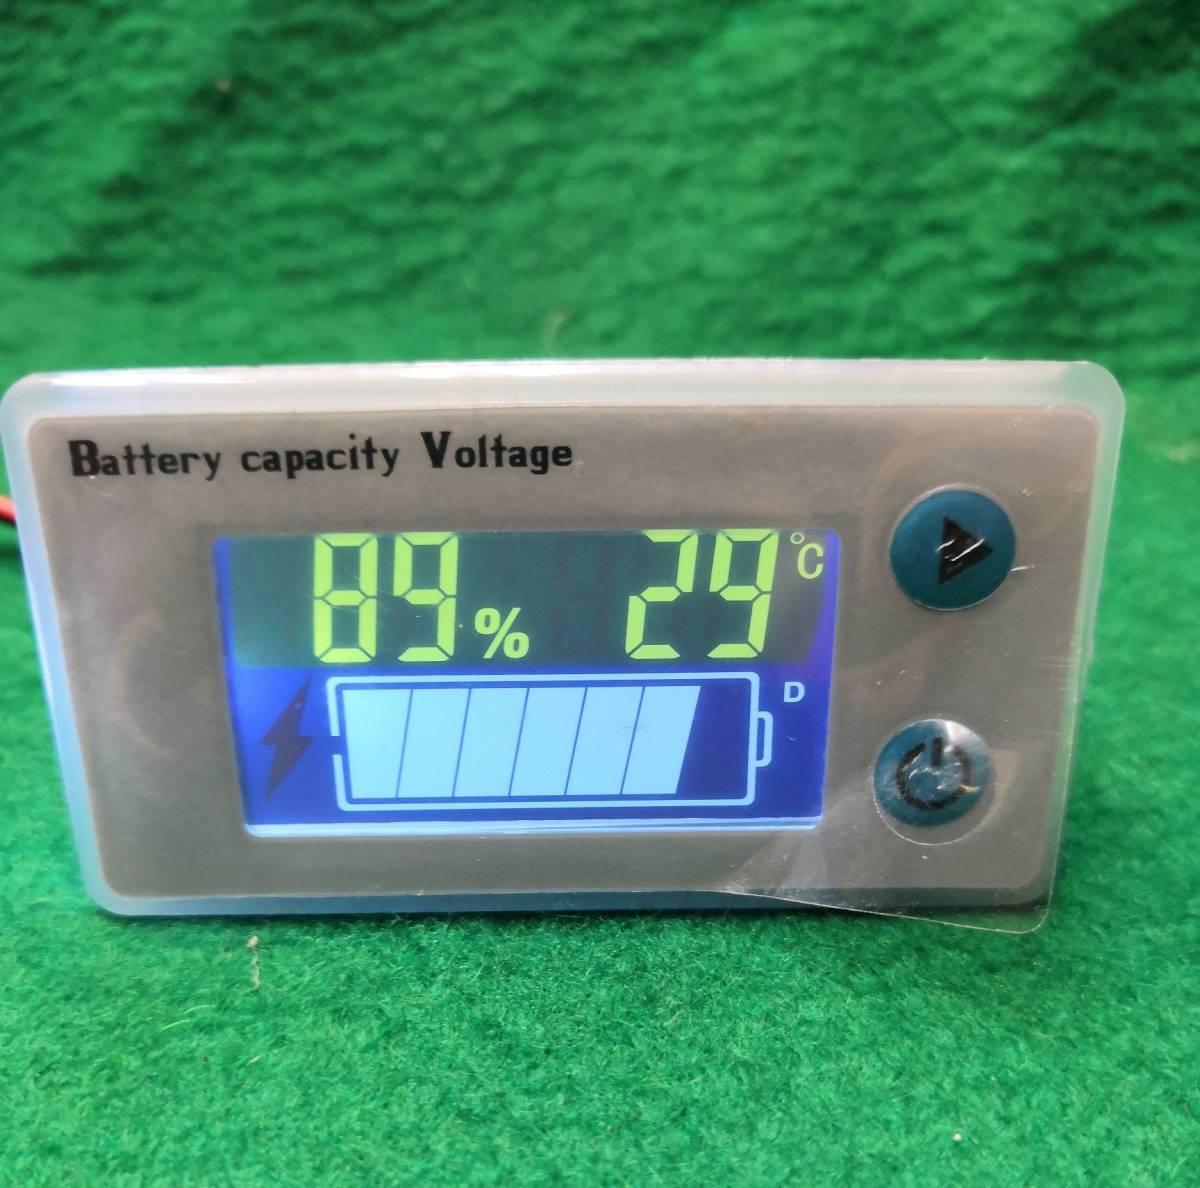 バッテリー容量電圧計温度も表示容量%バー表示パネルはカラー液晶 キャンピングカー電源表示に最適です送料全国一律普通郵便120円_温度表示されています